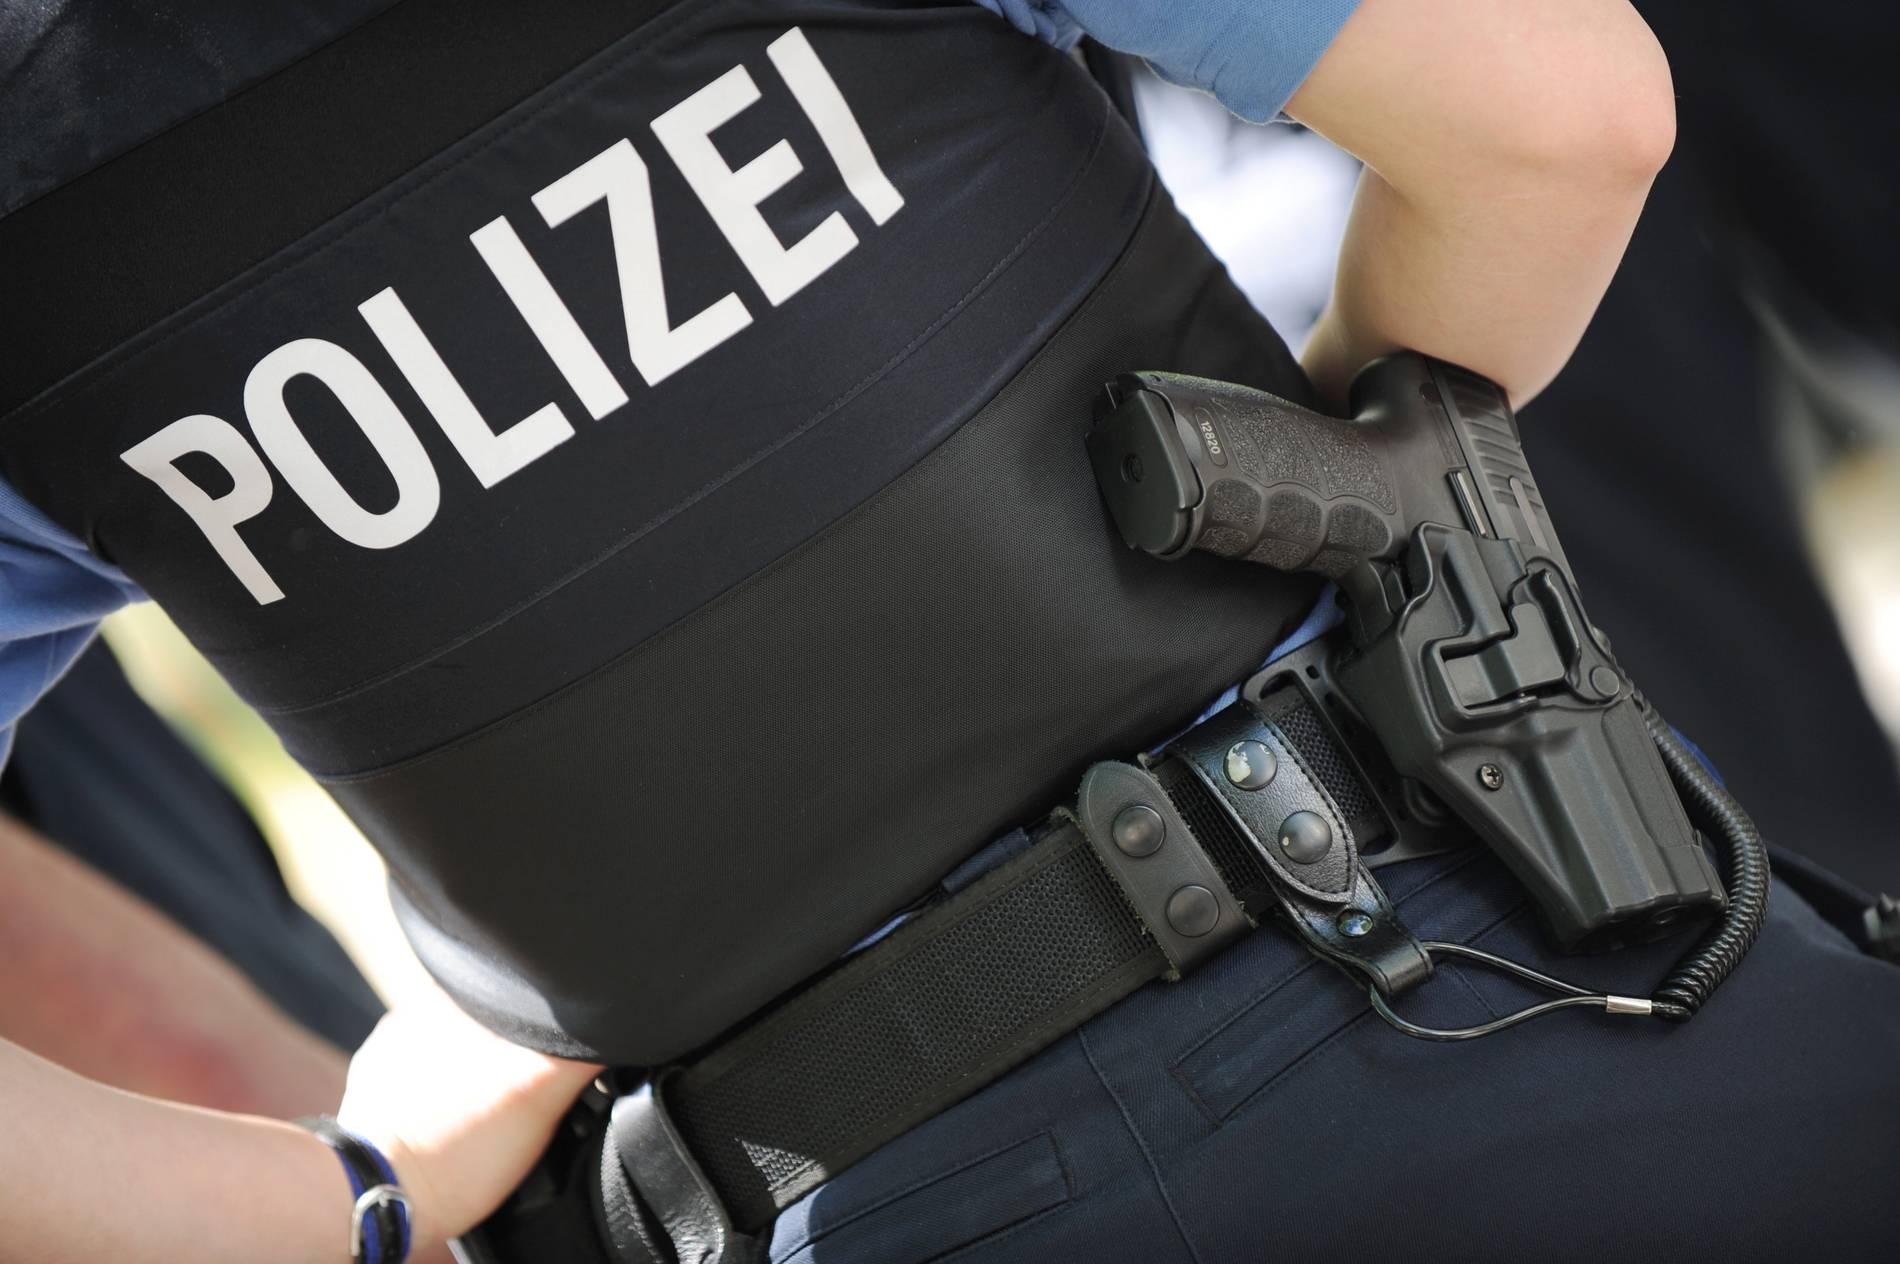 NRW: Polizeibeamtin soll mit 1200 Überstunden pensioniert werden